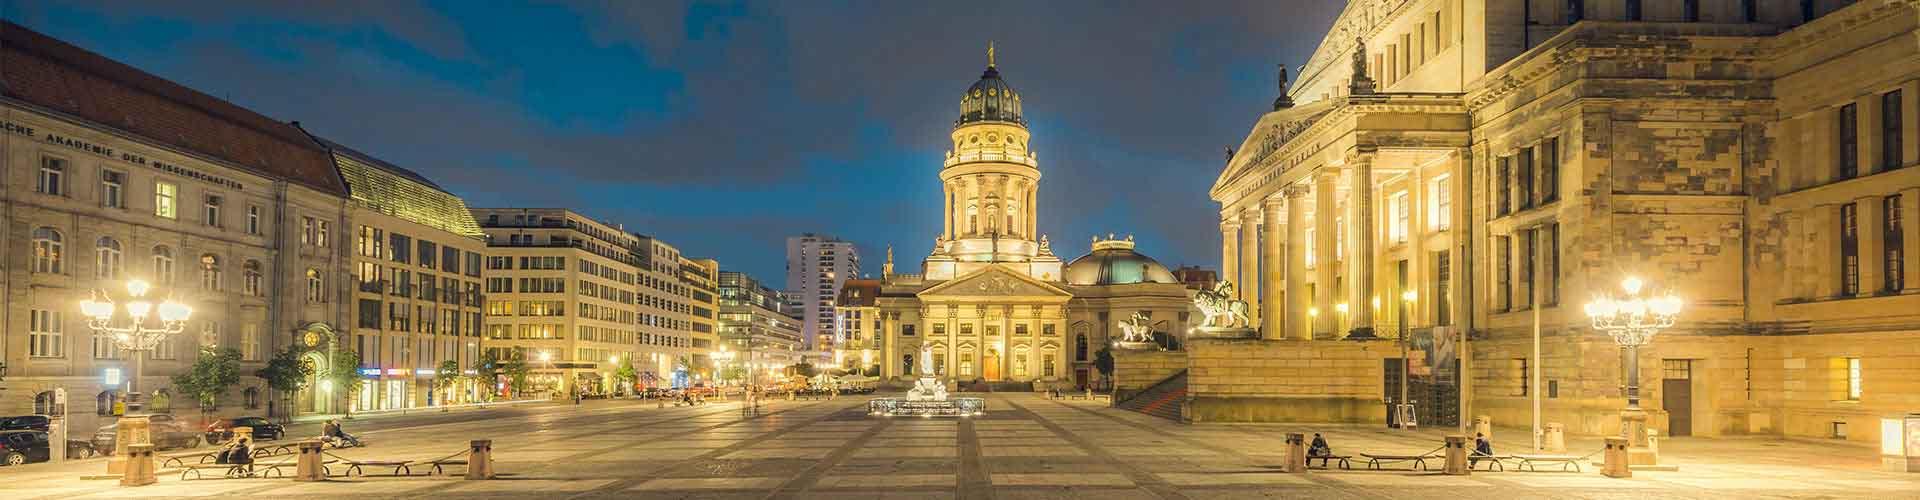 베를린 - 젠다르멘 광장에 가까운 캠핑장. 베를린의 지도, 베를린에 위치한 캠핑장에 대한 사진 및 리뷰.